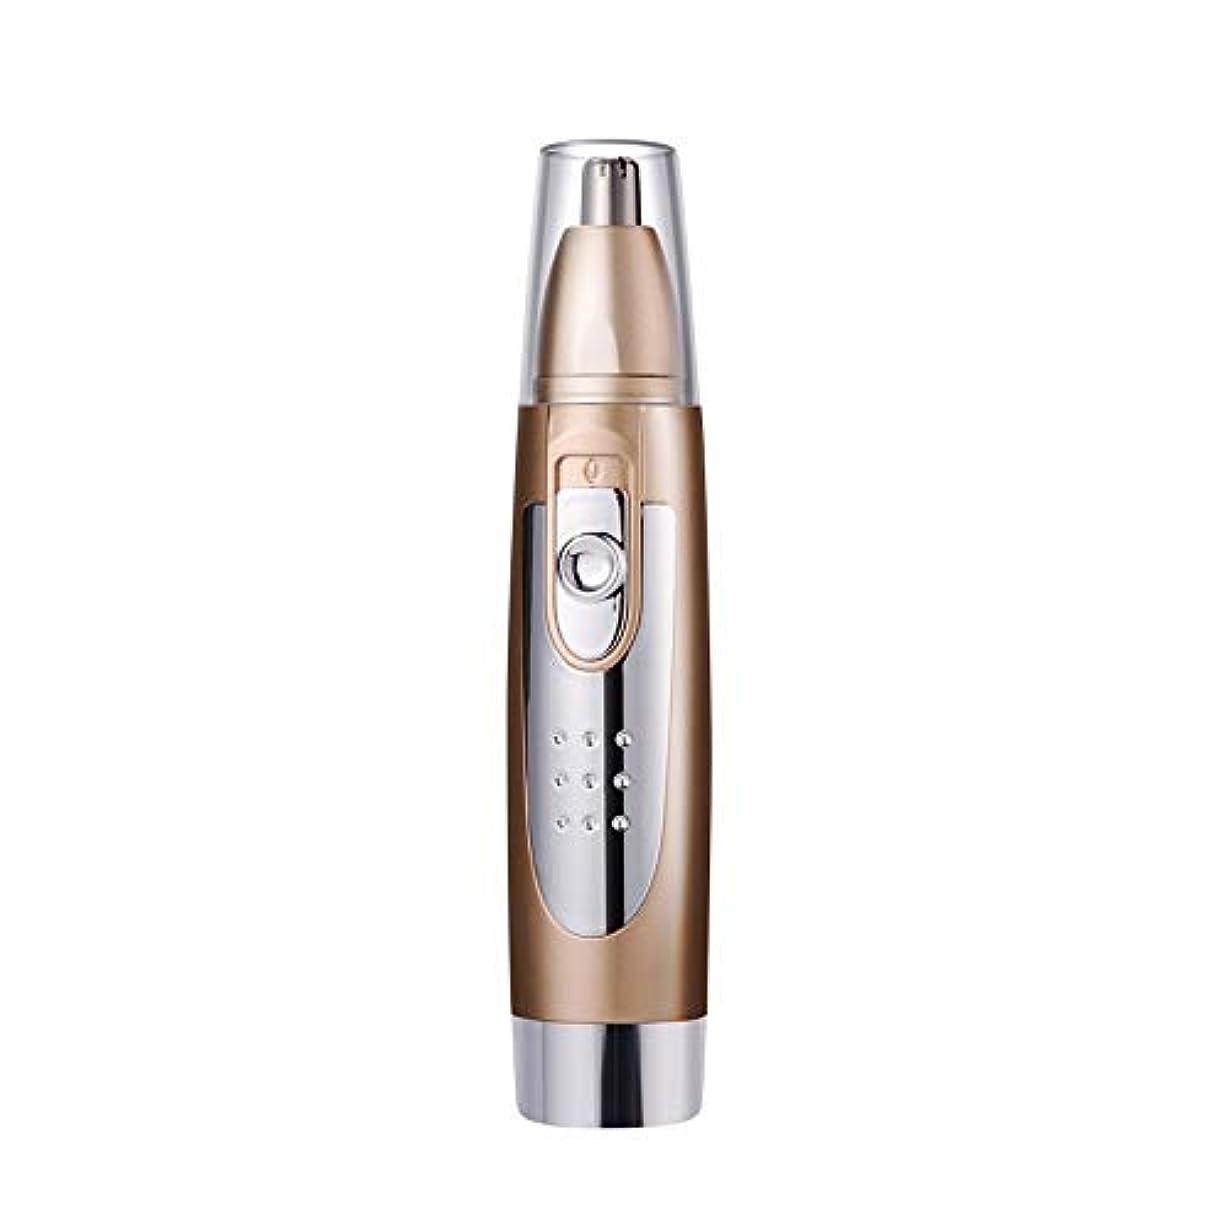 着実に消毒する放射能ノーズヘアトリマー-カッターヘッドウォッシャブル/三次元曲面カッターヘッドデザイン/ 360°立体ノーズヘア/ 135mm 持つ価値があります